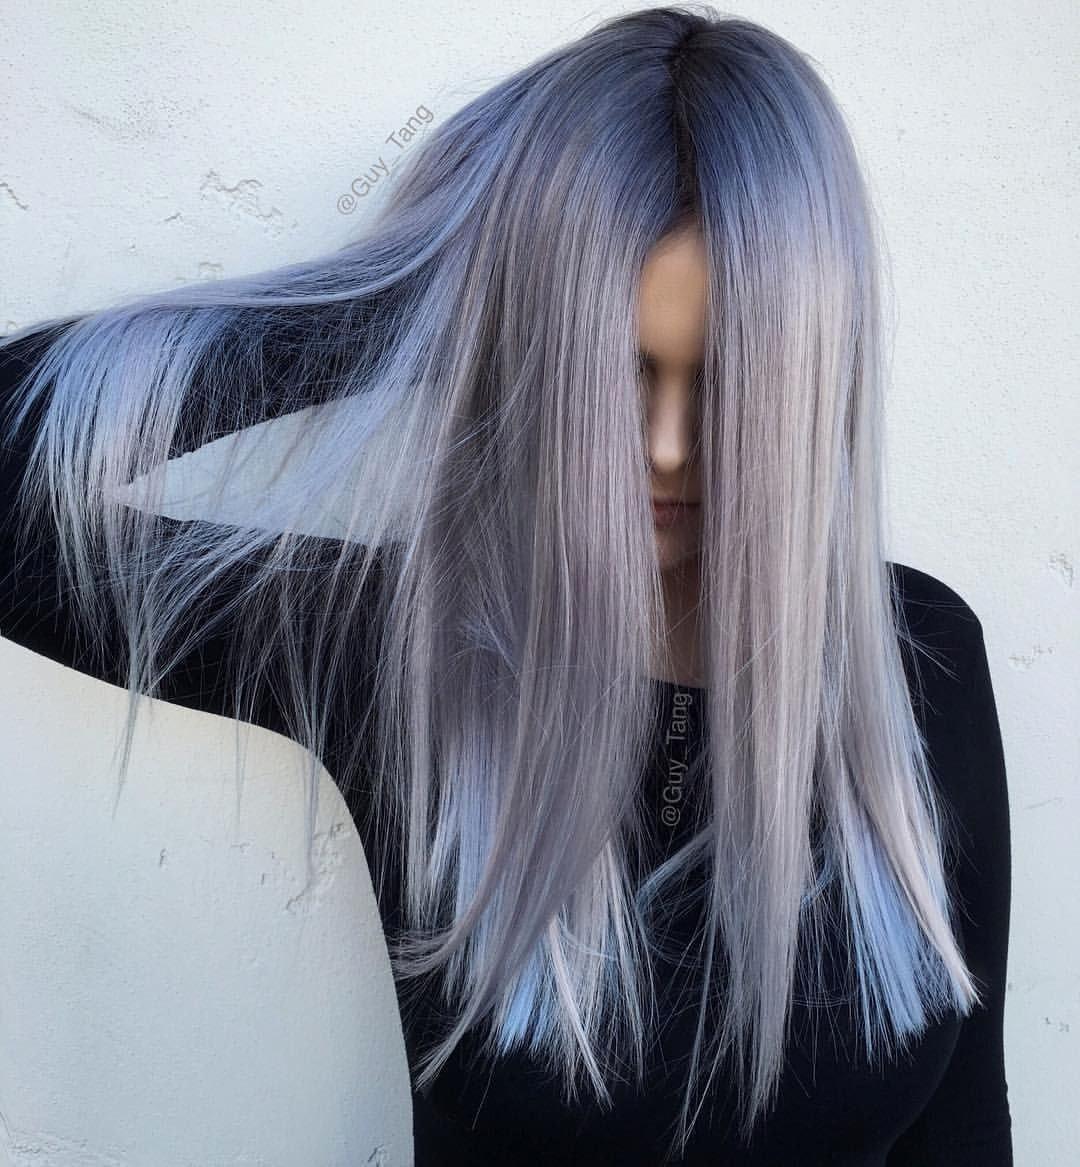 Lavender Gray La Mezcla Ideal Para El Cabello Entre Lavanda Y